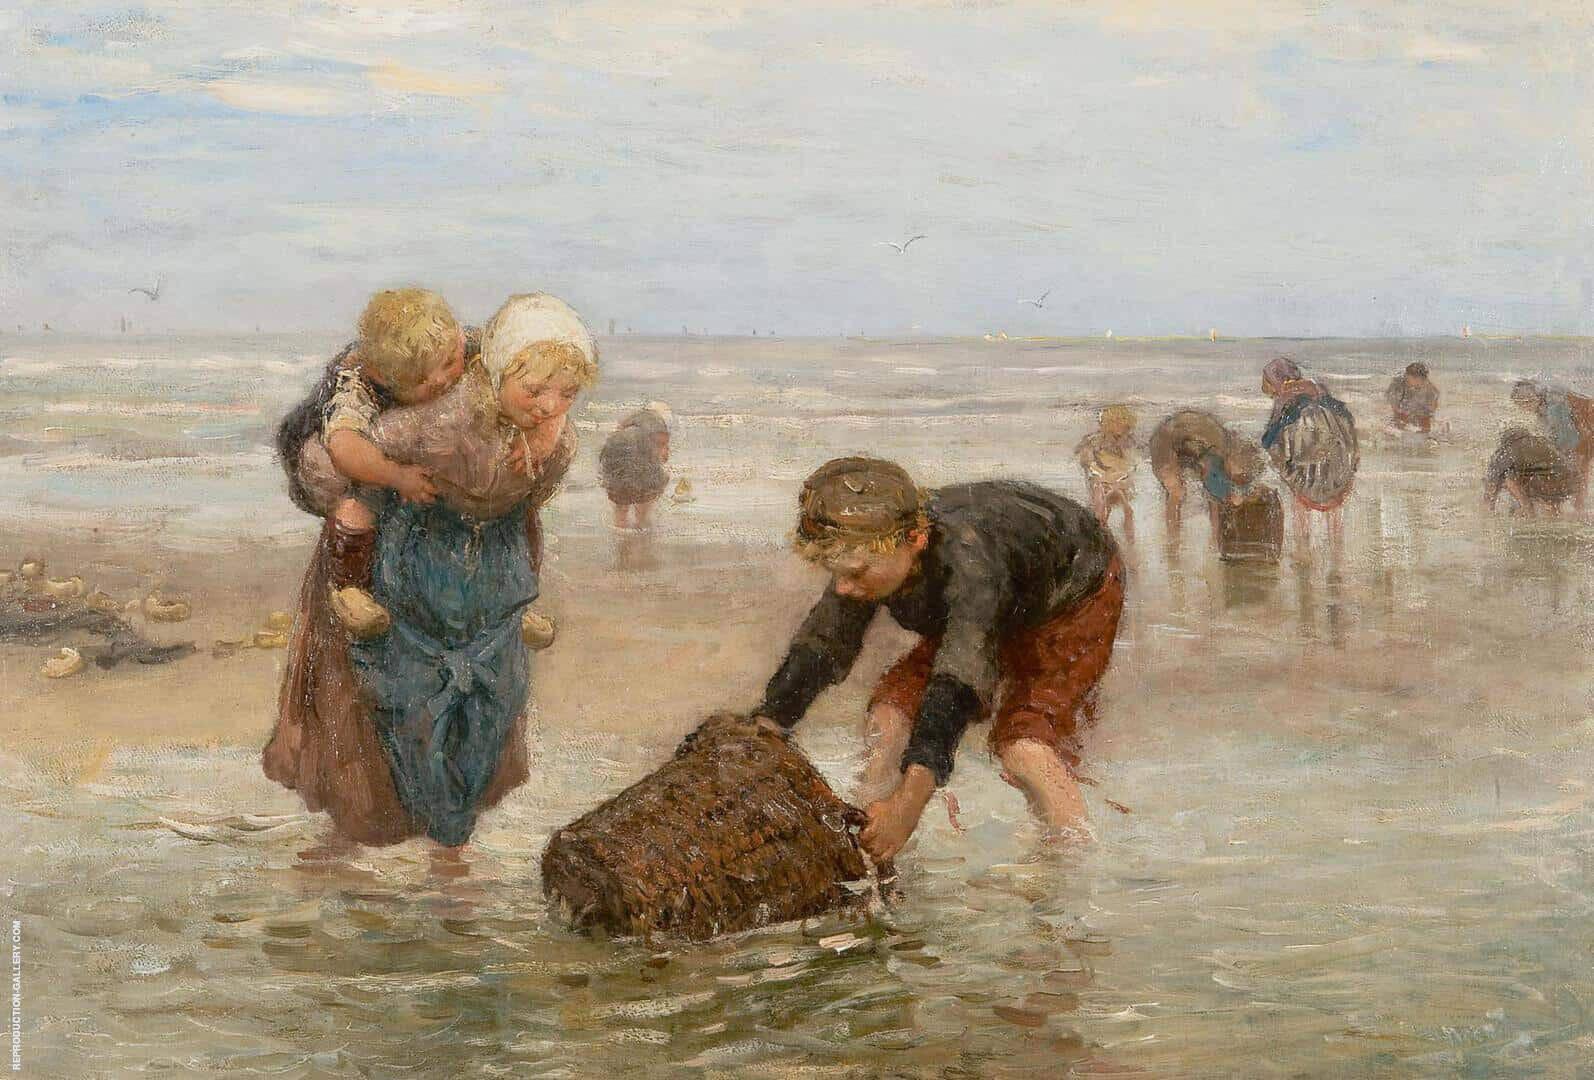 Shrimp Catch from Fishermen's Children By Bernardus Johannes Blommers